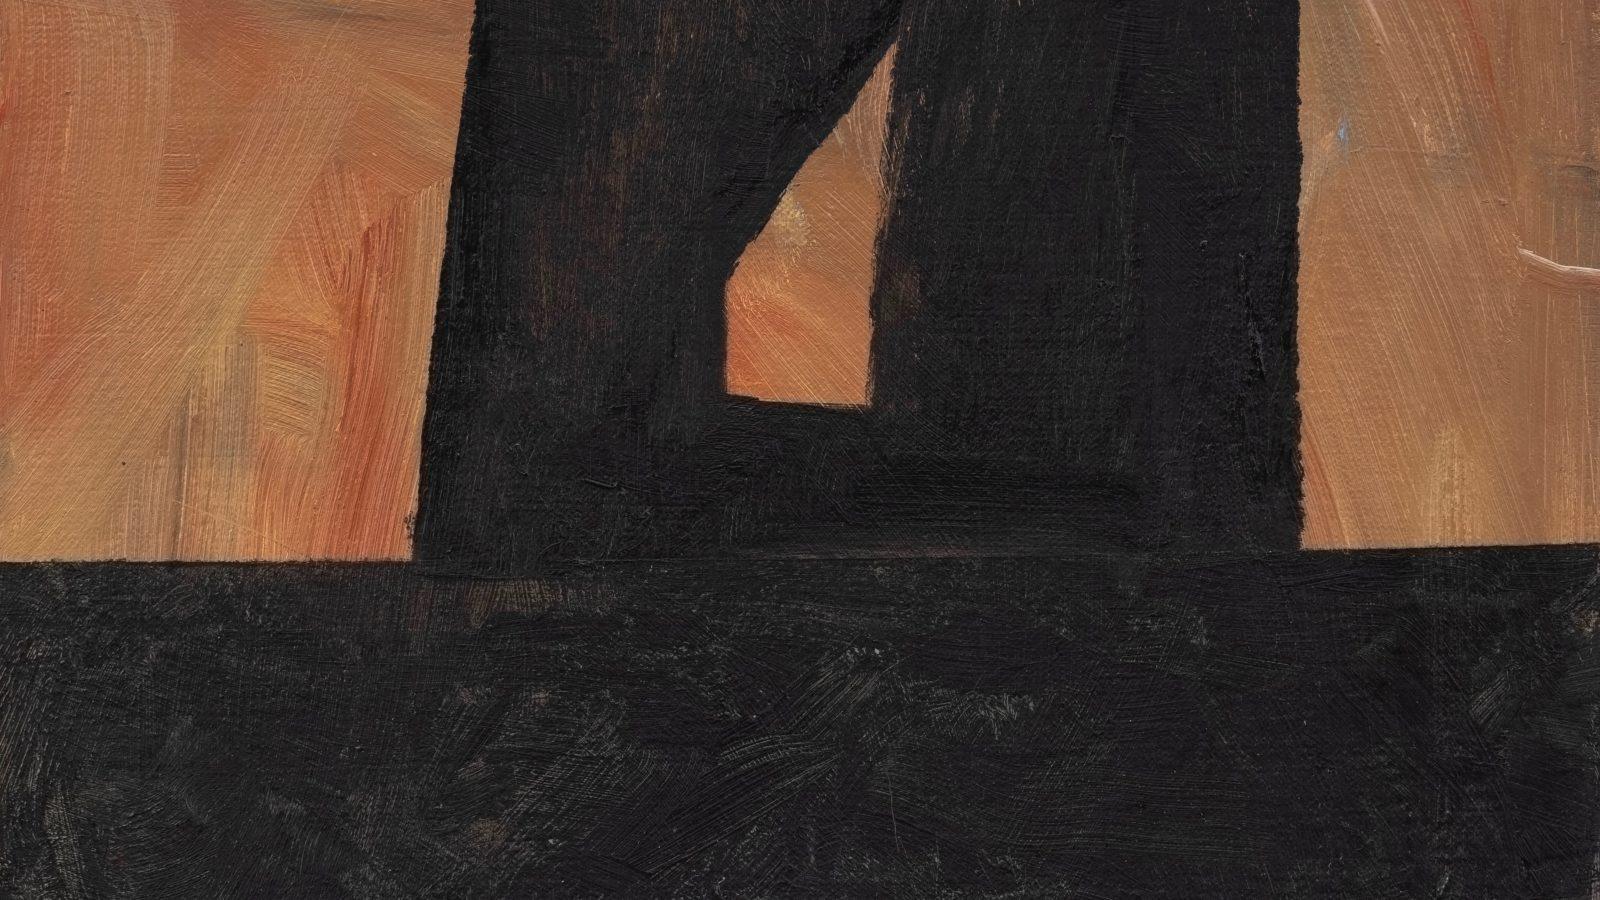 Biraaj Dodiya. Neighbor's Sunset, 2019. Oil on canvas. Courtesy of the artist and Experimenter